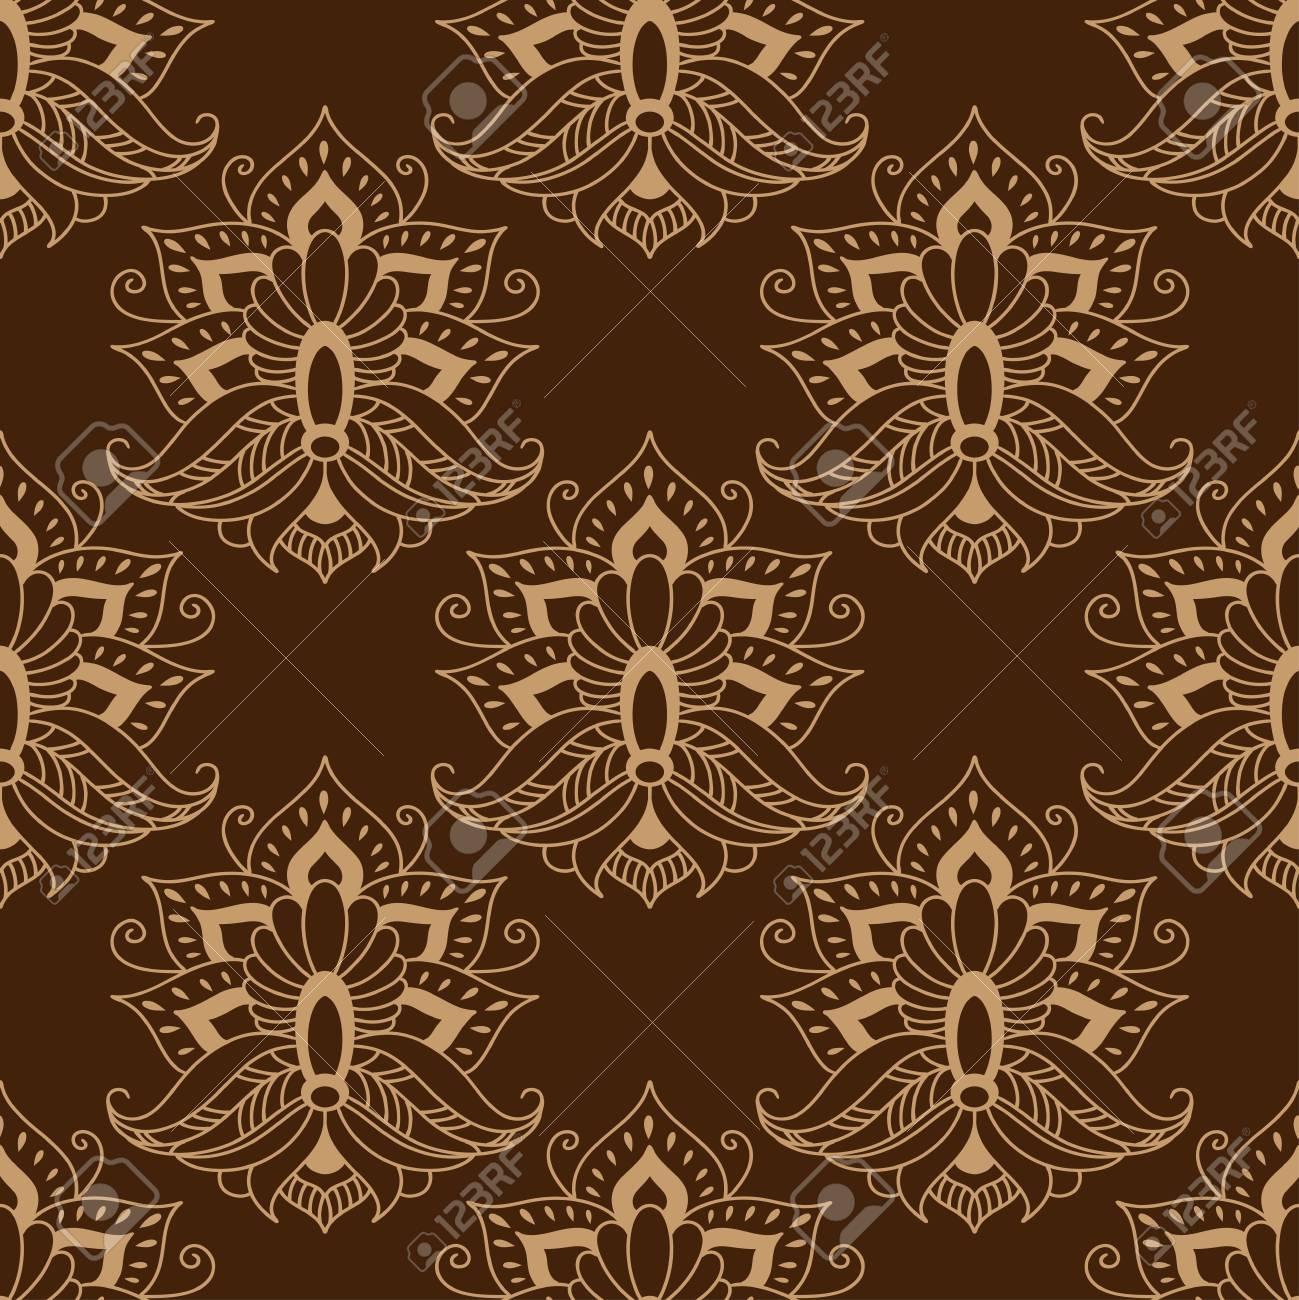 Nahtlos Braun Farbigen Blumen Arabeske Muster In Dama Motive Für Tapeten,  Fliesen Und Stoff